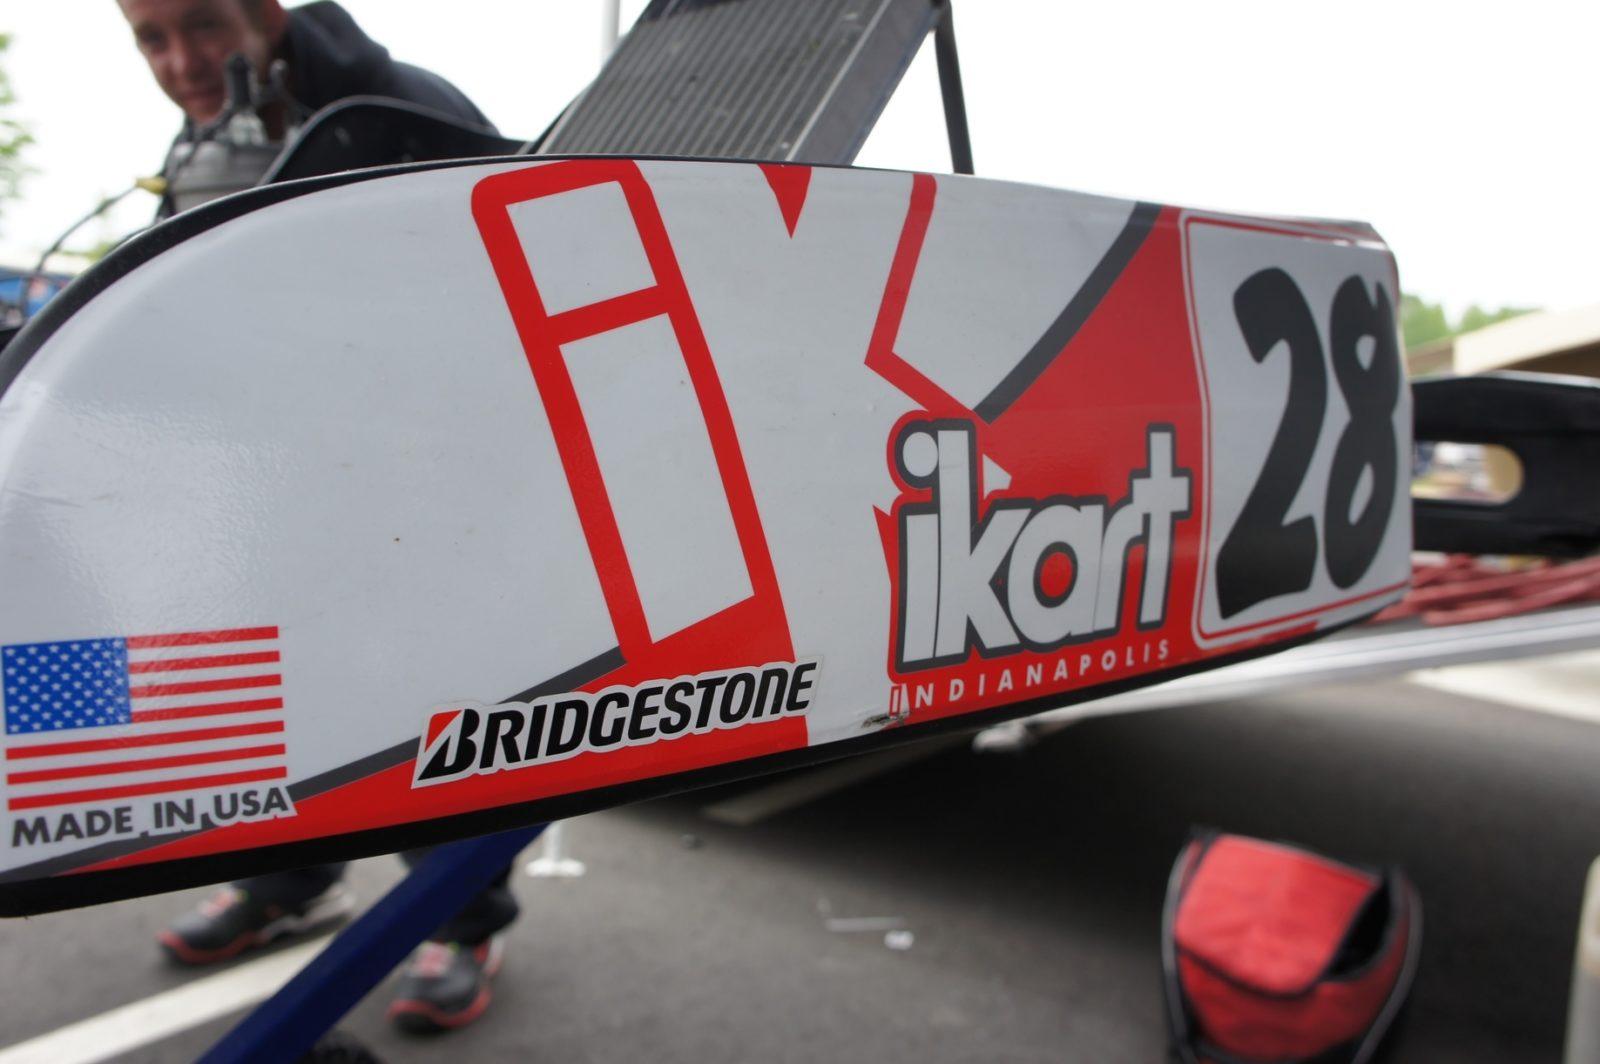 iKart side pod and graphics